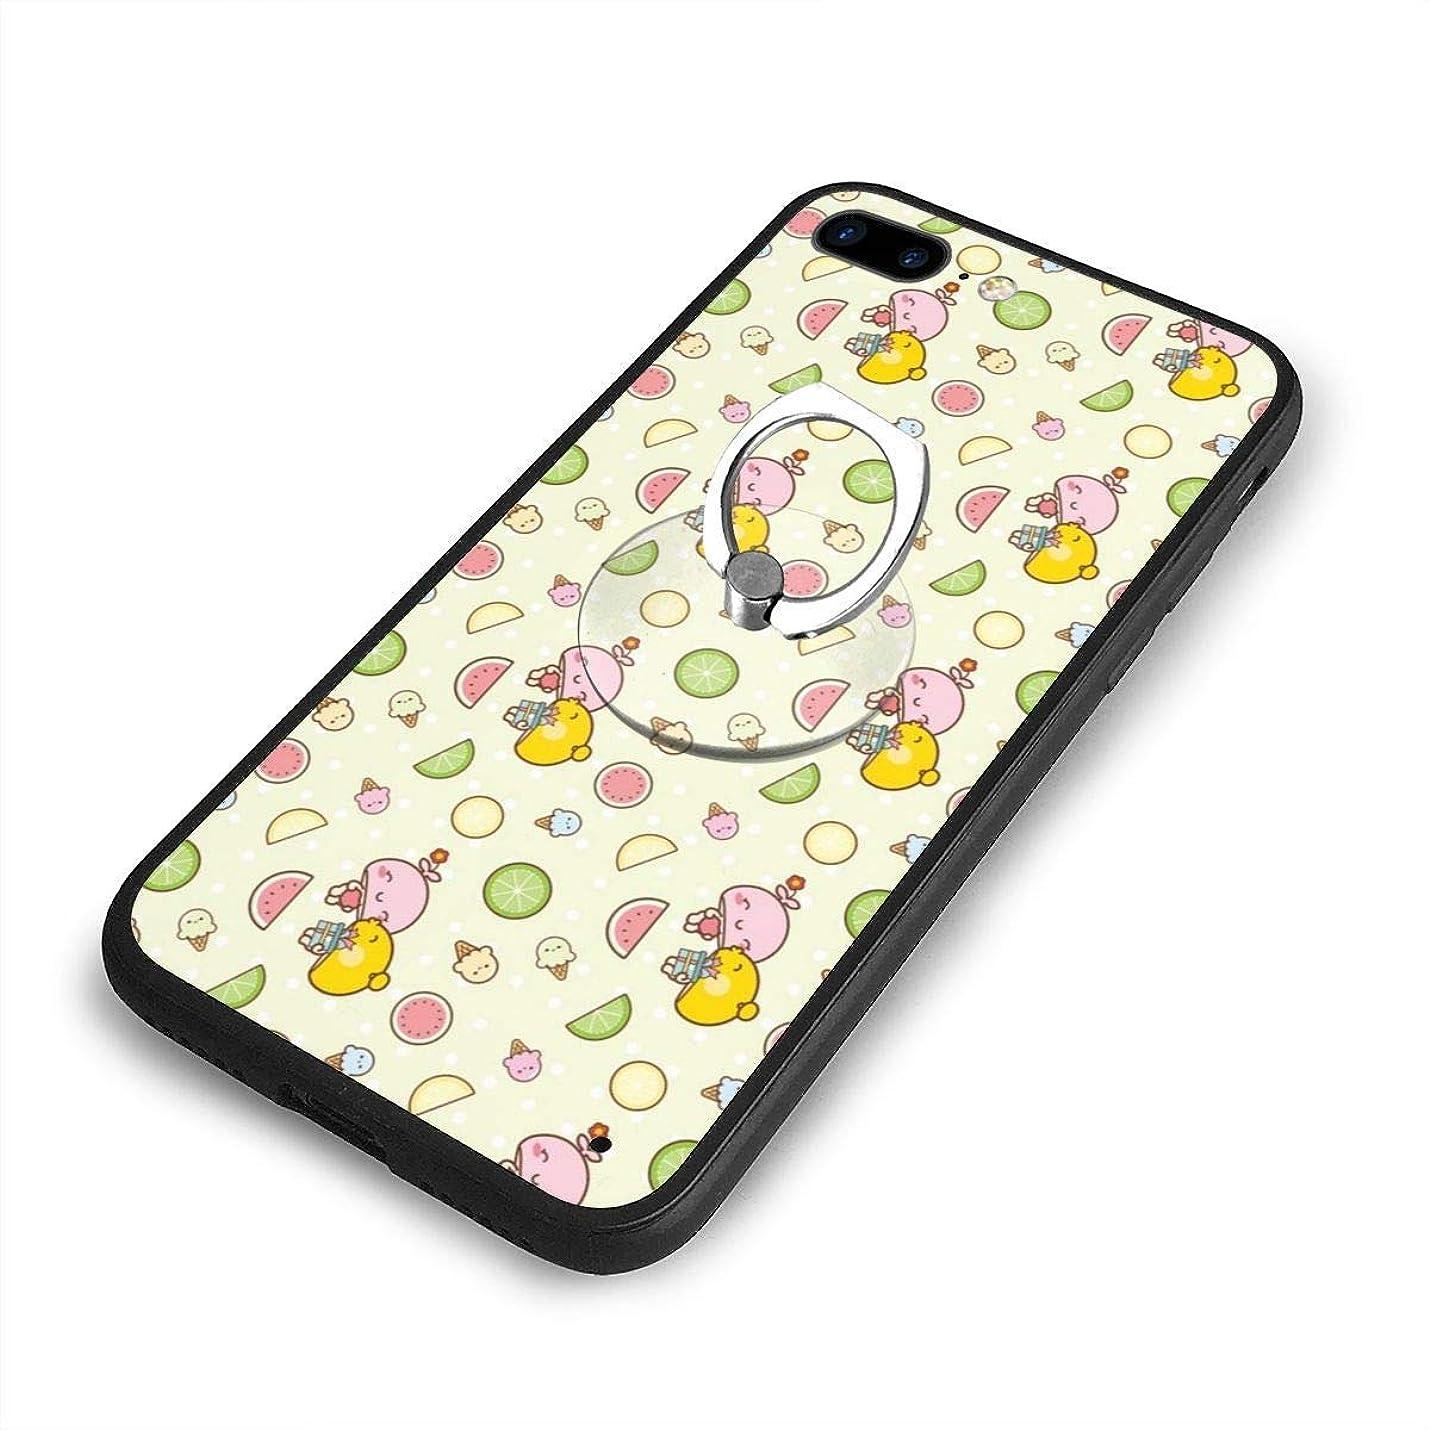 ゲームスクラップブックかすかなかわいい 可愛いiPhone 7/8 Plusケースリングブラケット 携帯カバー 創意デザイン軽量 傷つけ防止 360°回転ブラケット 携帯ケース PC 衝撃防止 全面保護